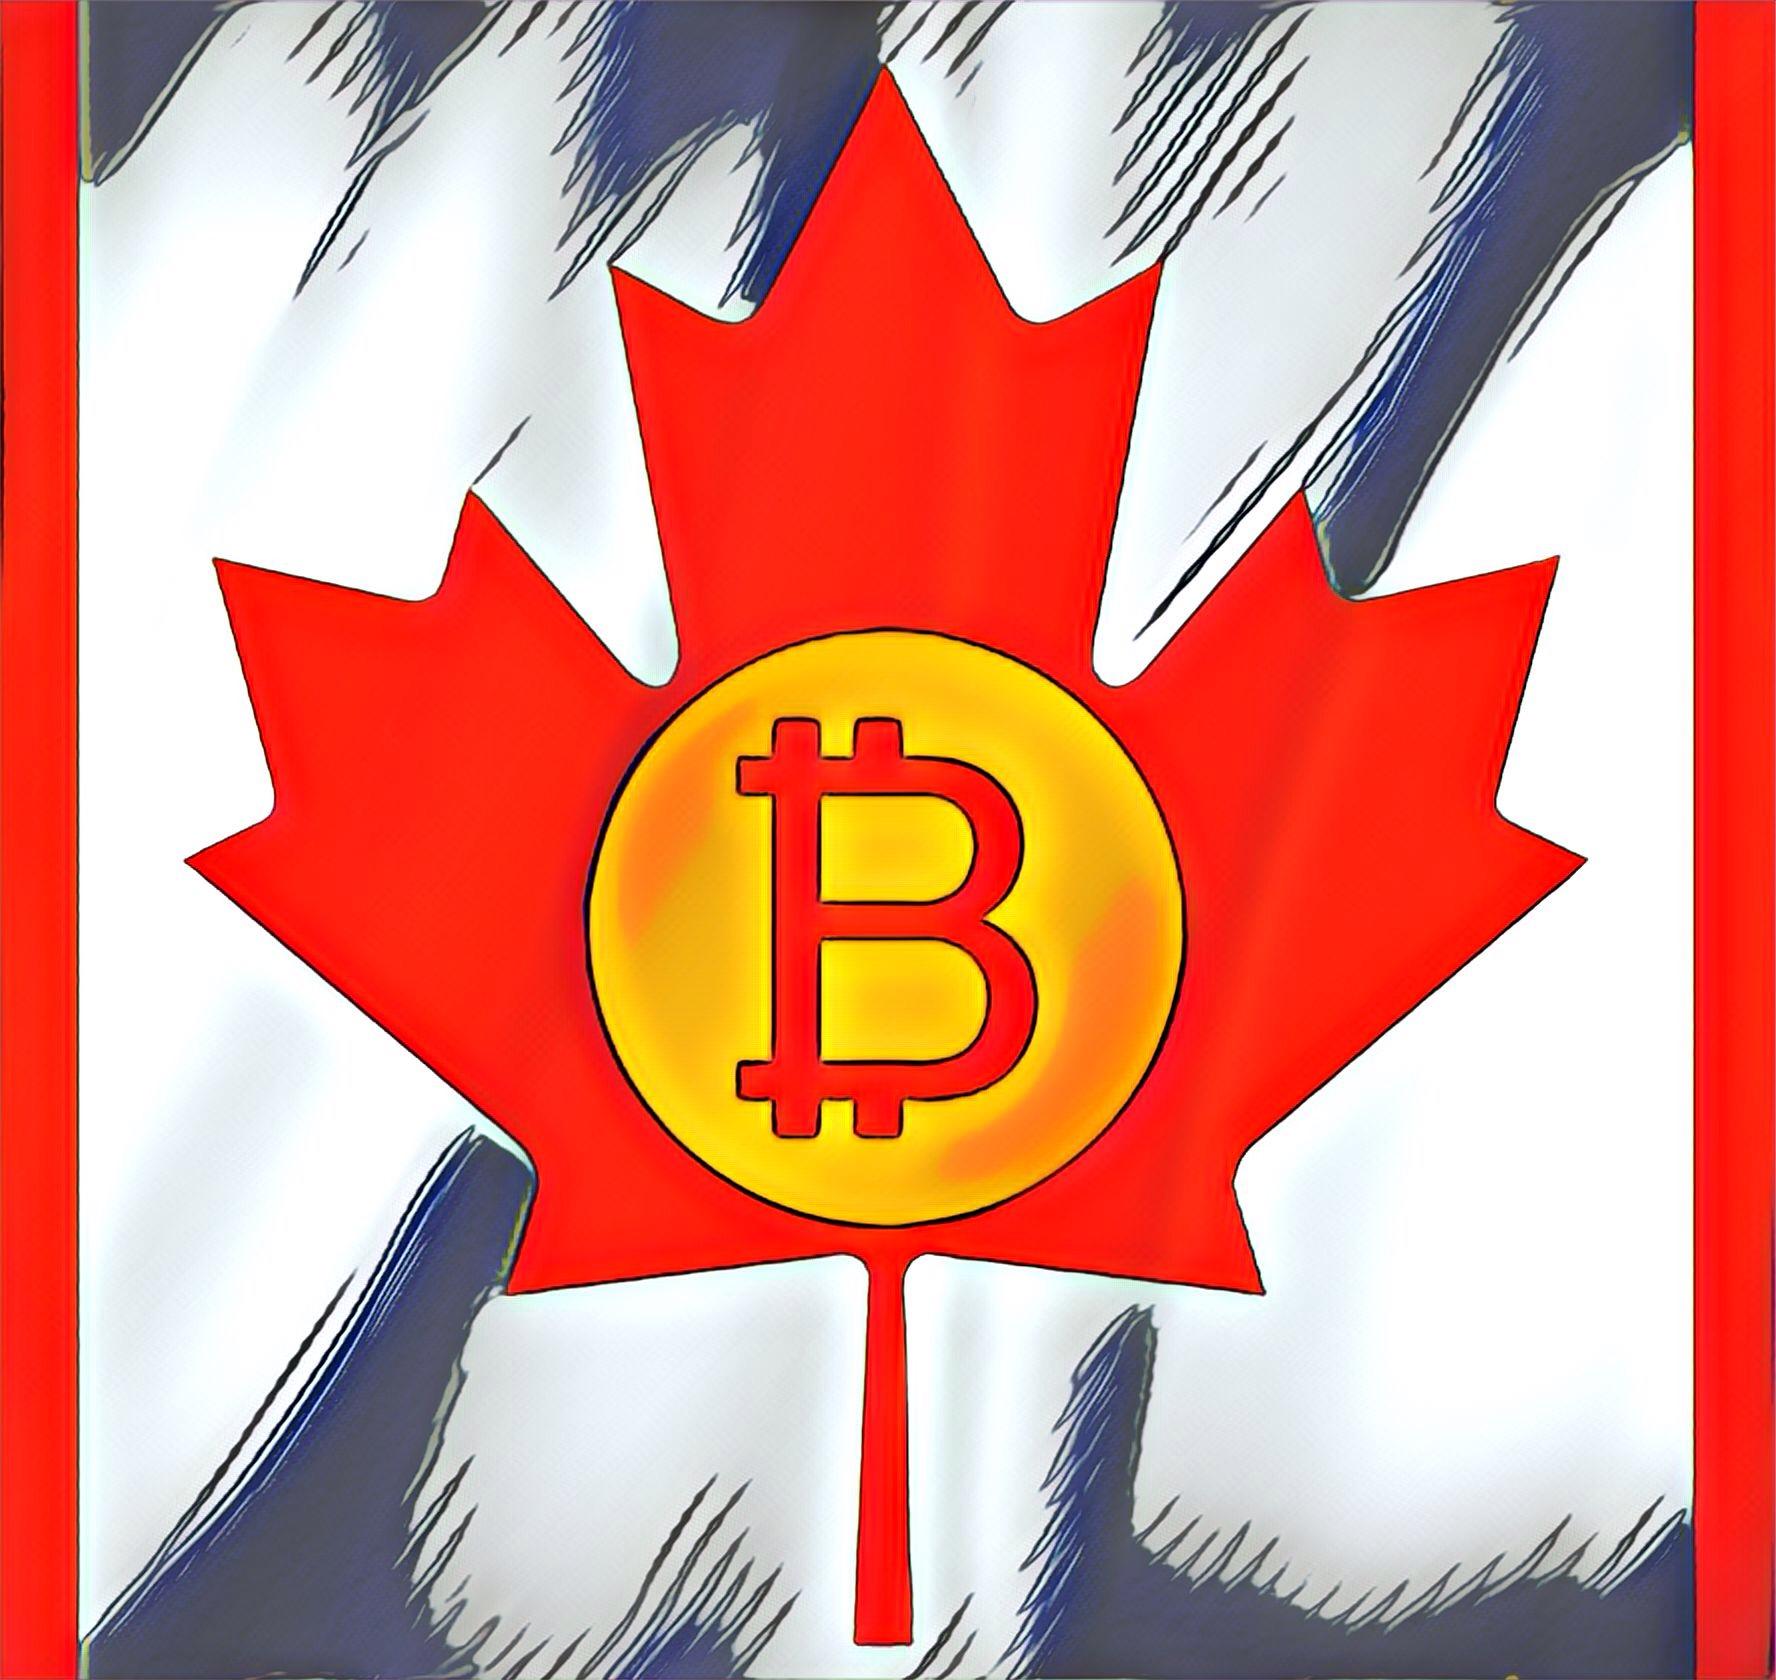 Канада сделала первый шаг к фактической легализации криптовалютных инвестиций и ICO